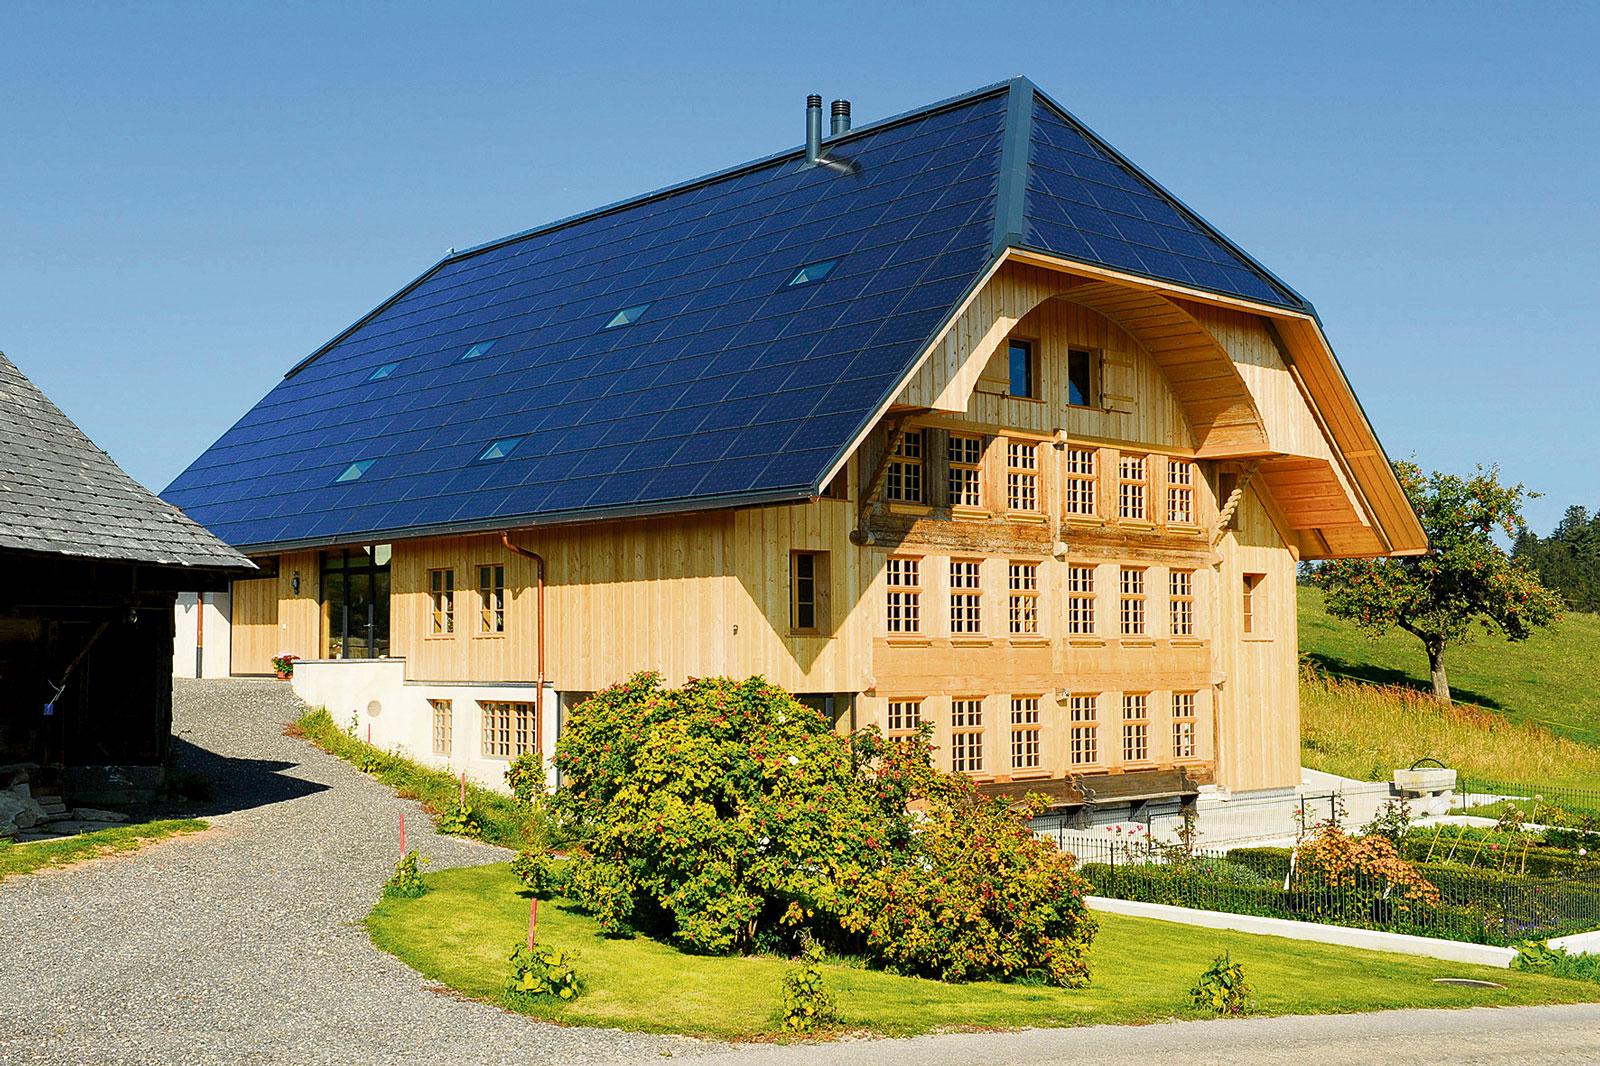 denkmalgesch tztes emmentaler haus gewinnt europ ischen solarpreis der unter emmentaler. Black Bedroom Furniture Sets. Home Design Ideas